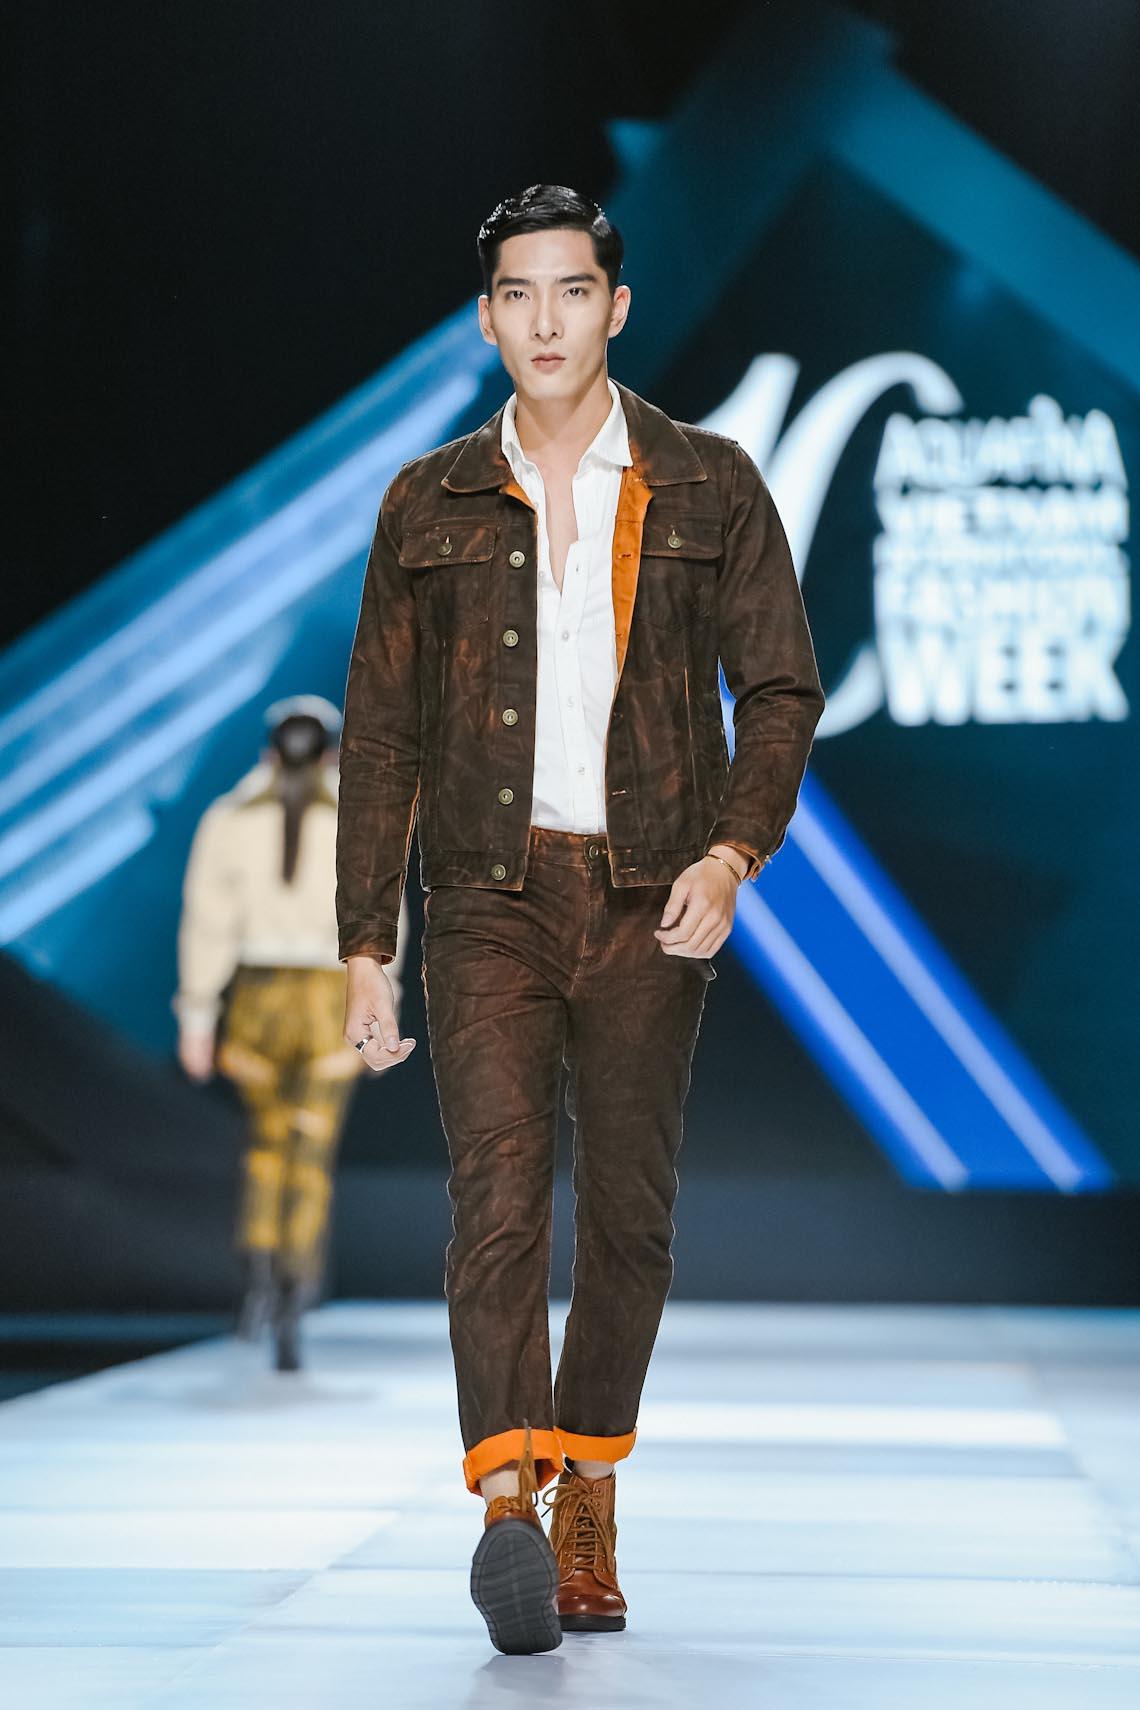 Tuần lễ Thời trang Quốc tế Việt Nam Thu Đông 2019 chính thức mở màn - 15